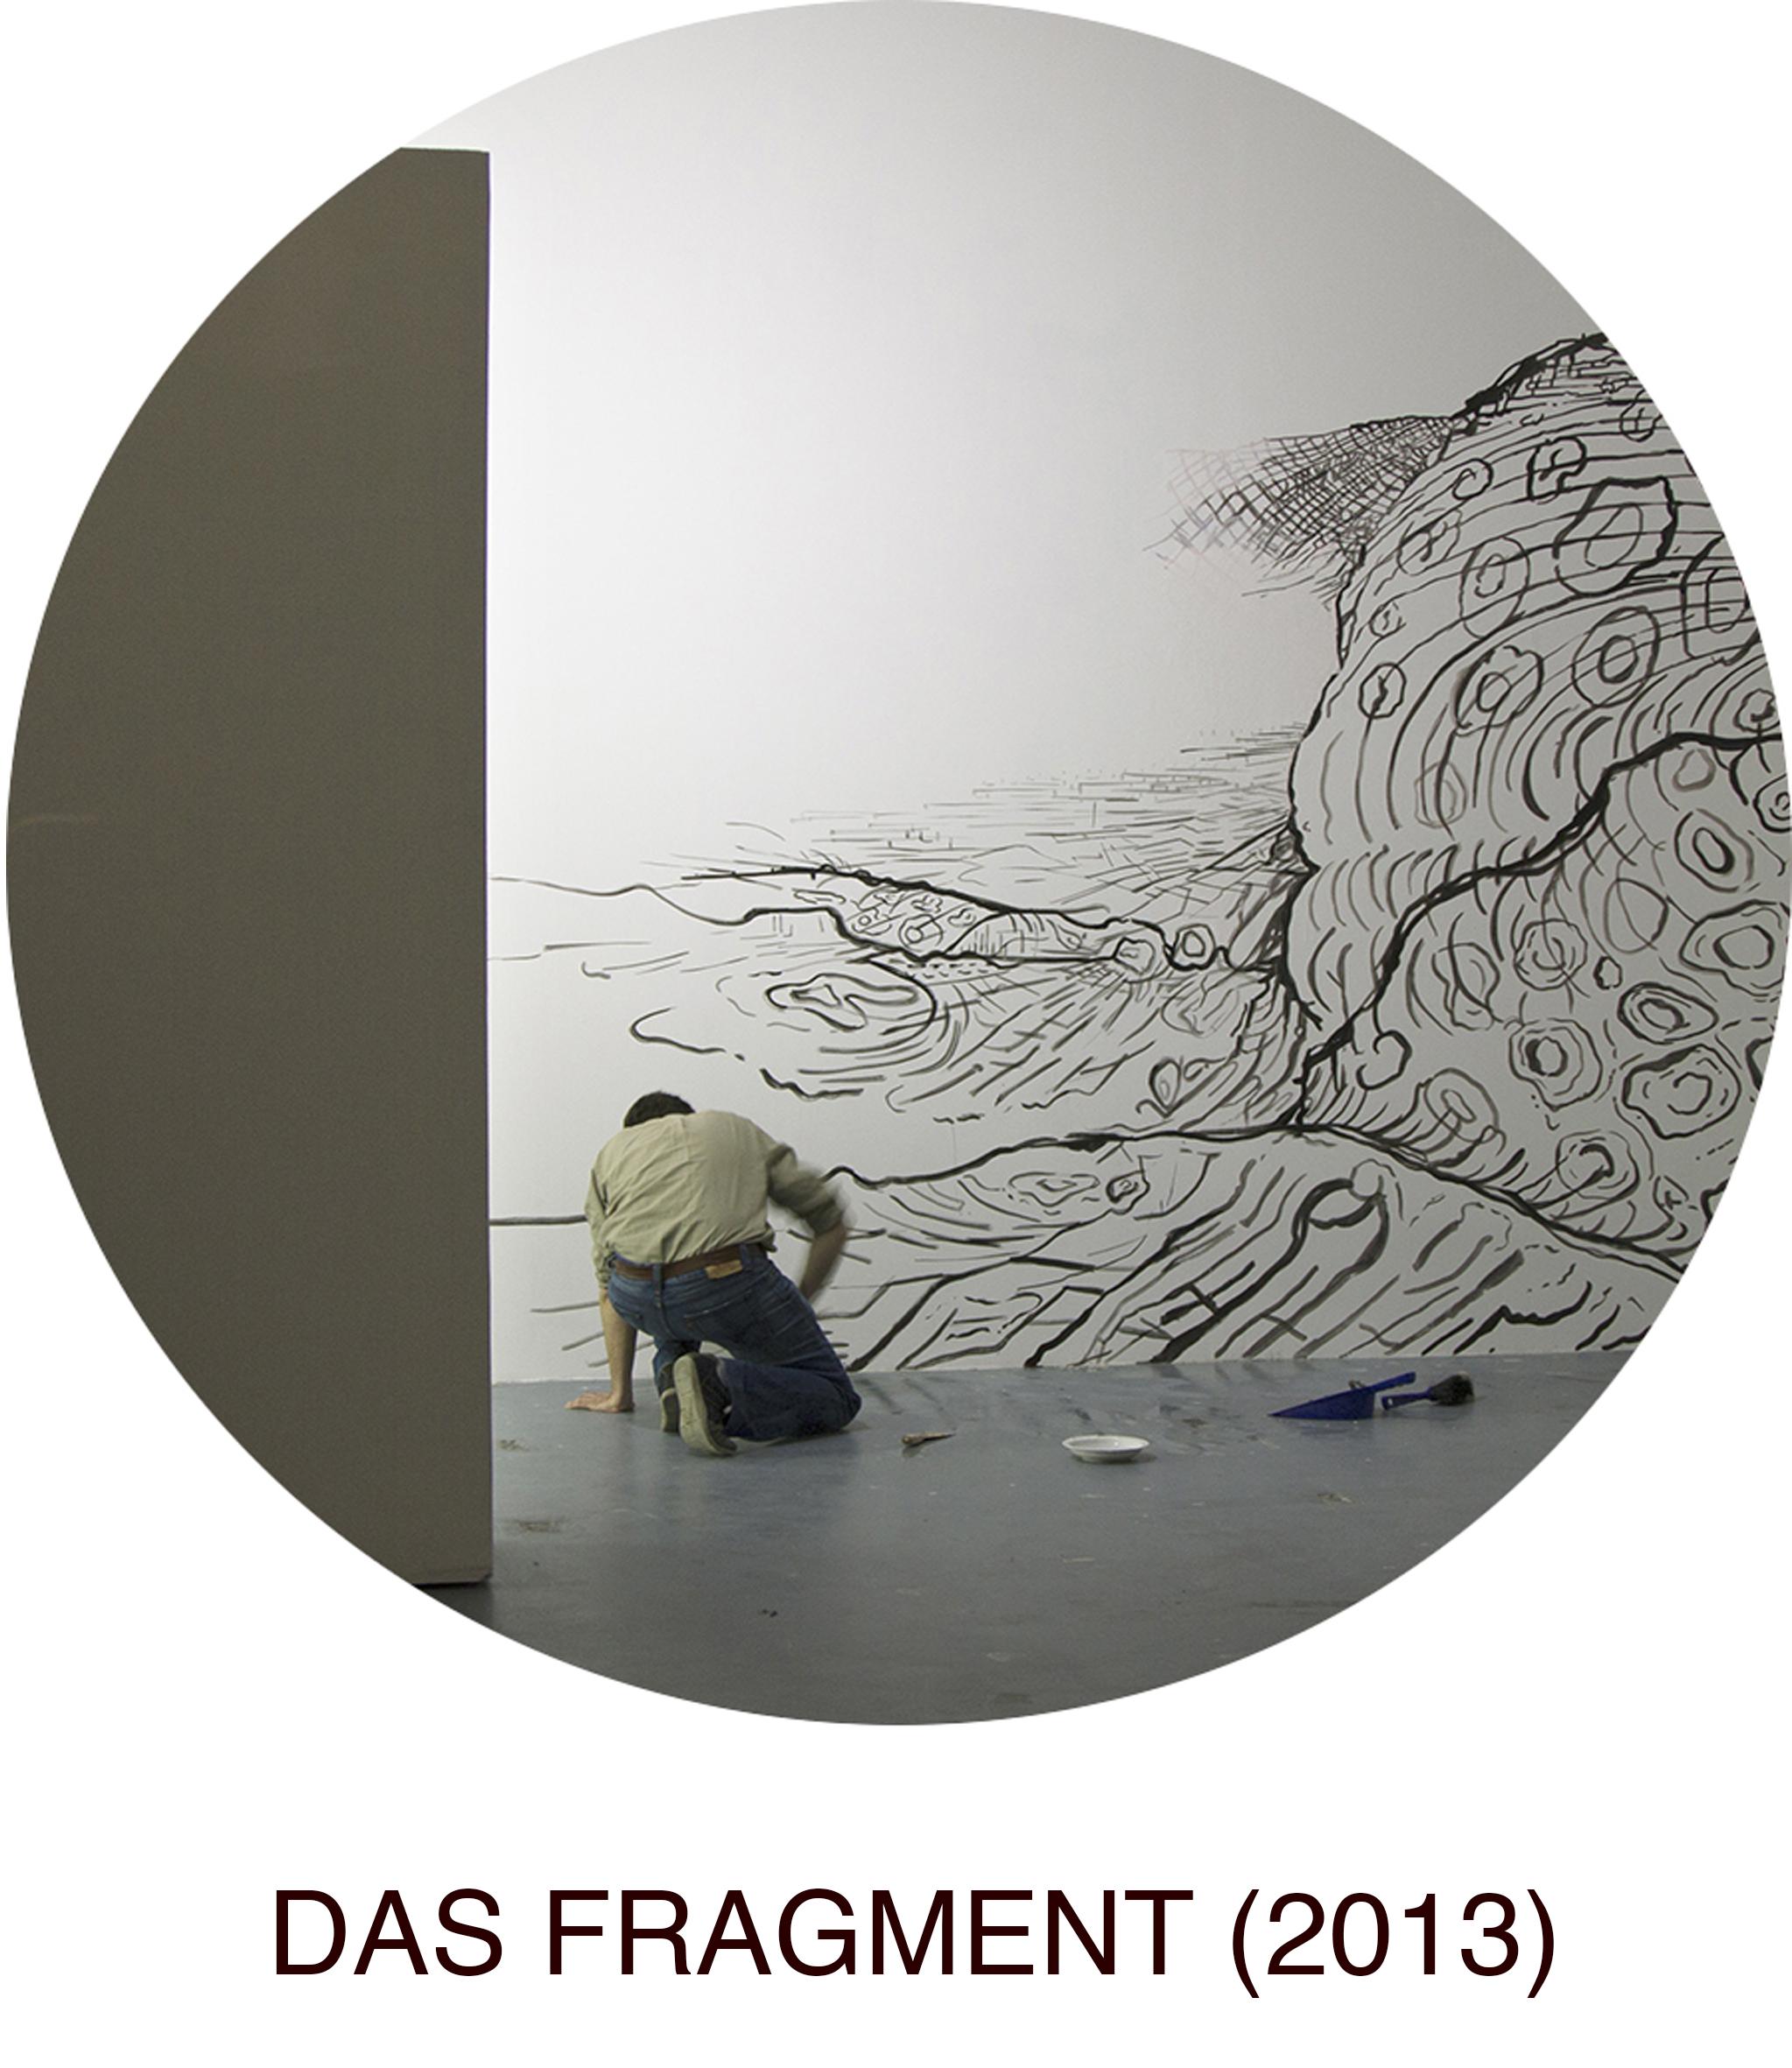 das-fragment